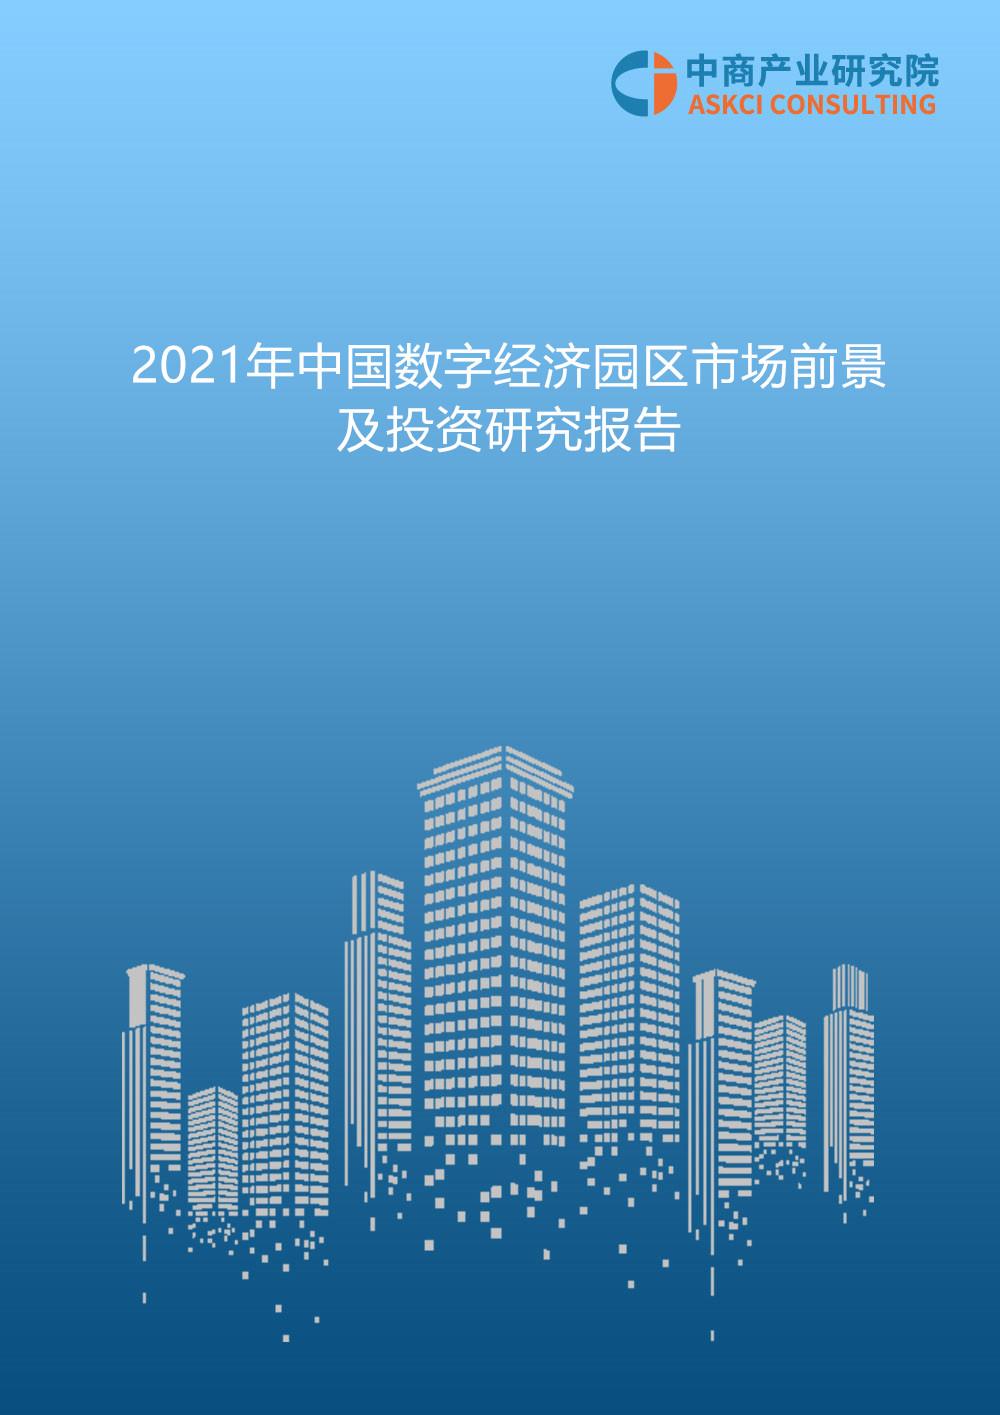 2021年中国数字经济园区市场前景及投资研究报告